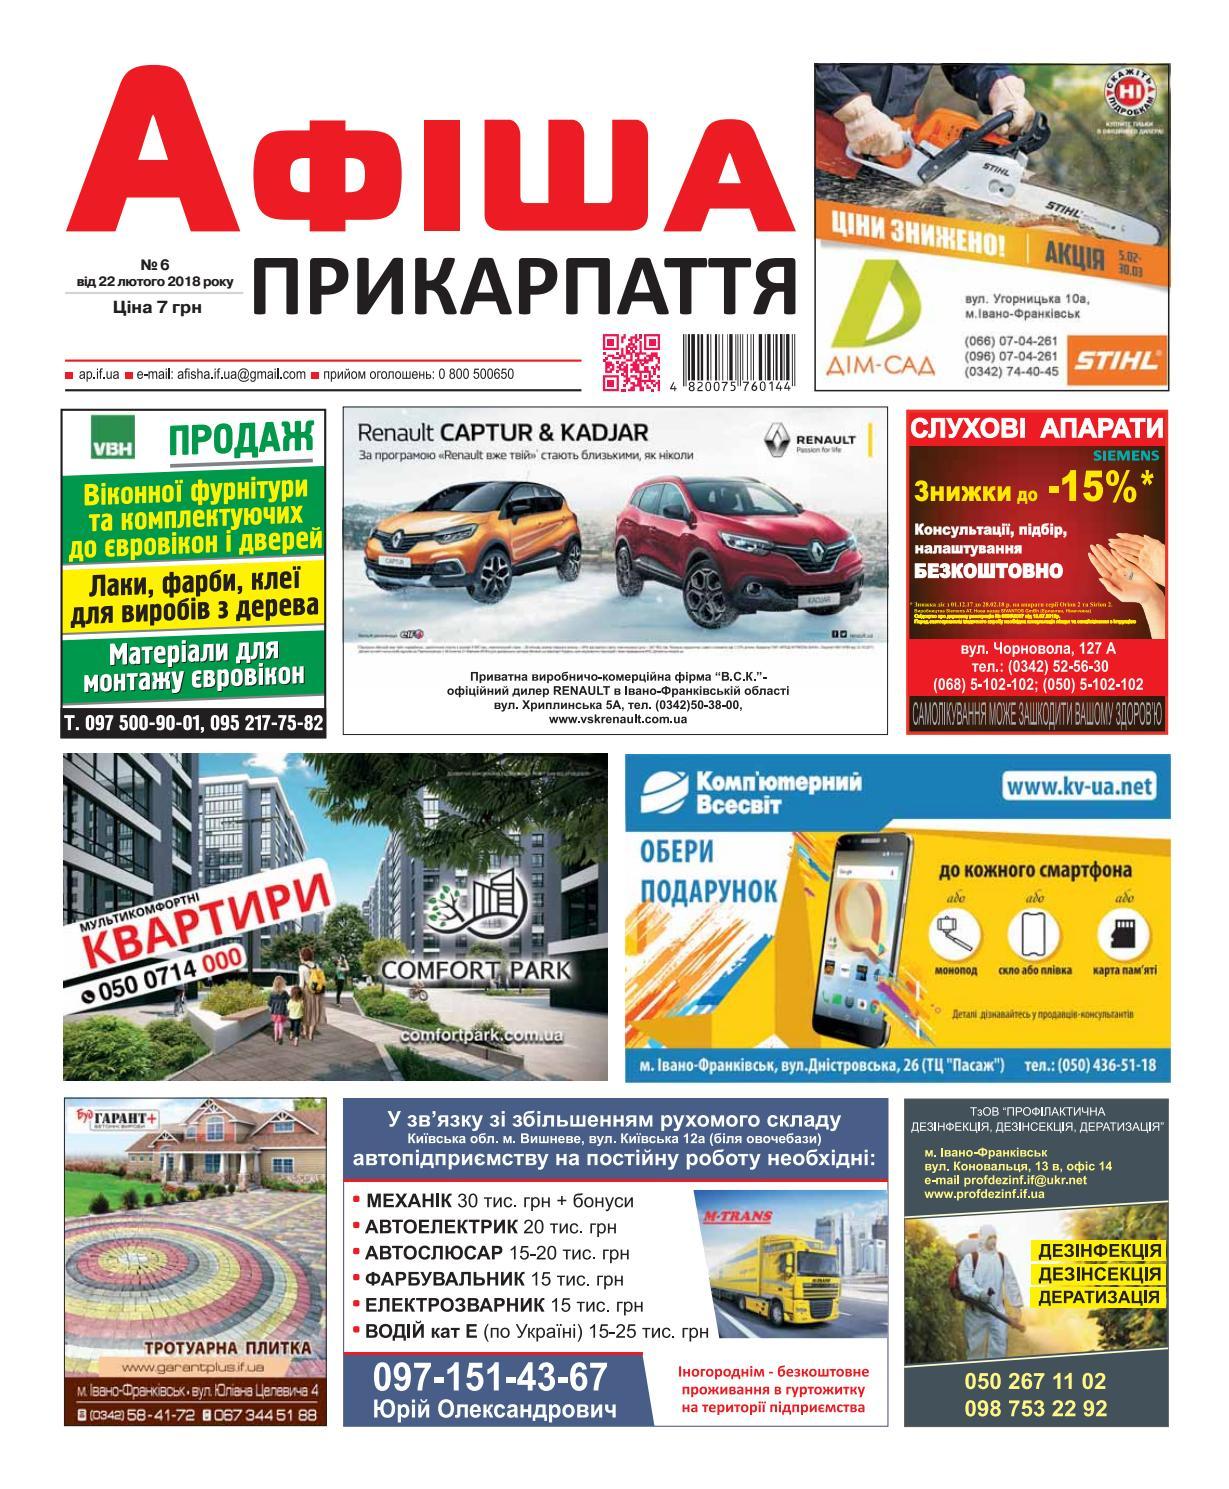 6ac085e5176e Афіша Прикарпаття 6 by Olya Olya - issuu